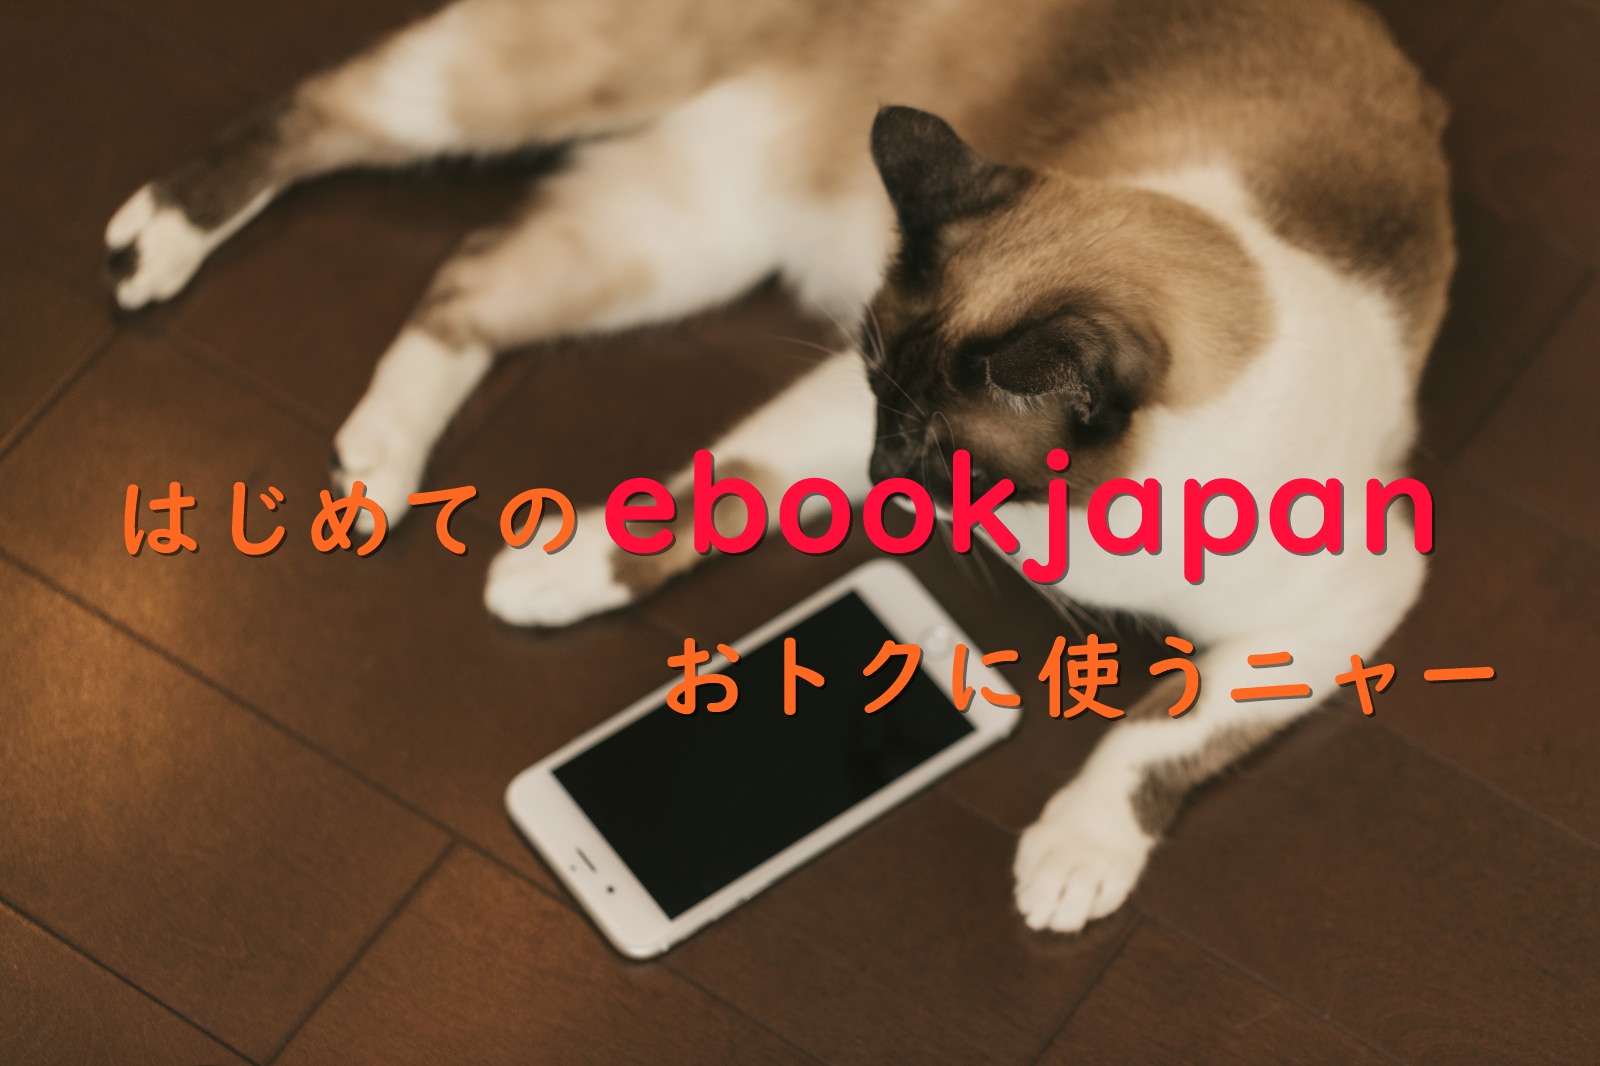 はじめての電子書籍 – ebookjapan のメリットを解説